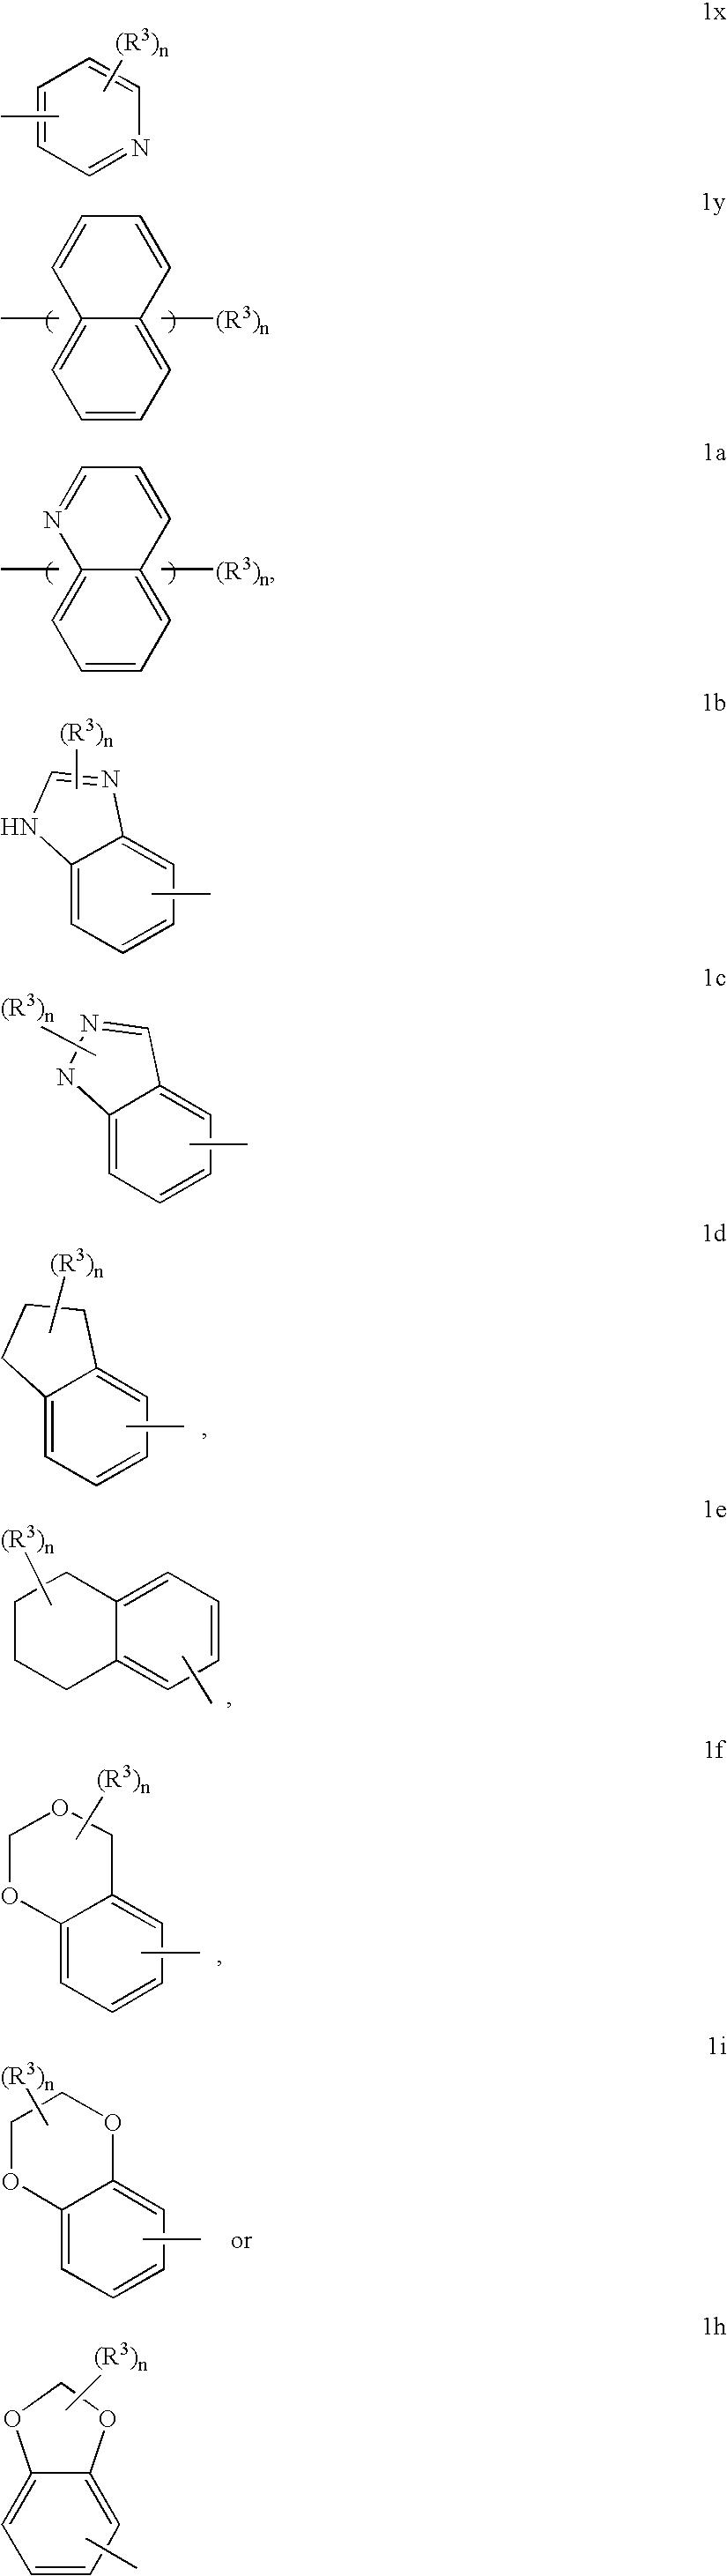 Figure US07557129-20090707-C00012